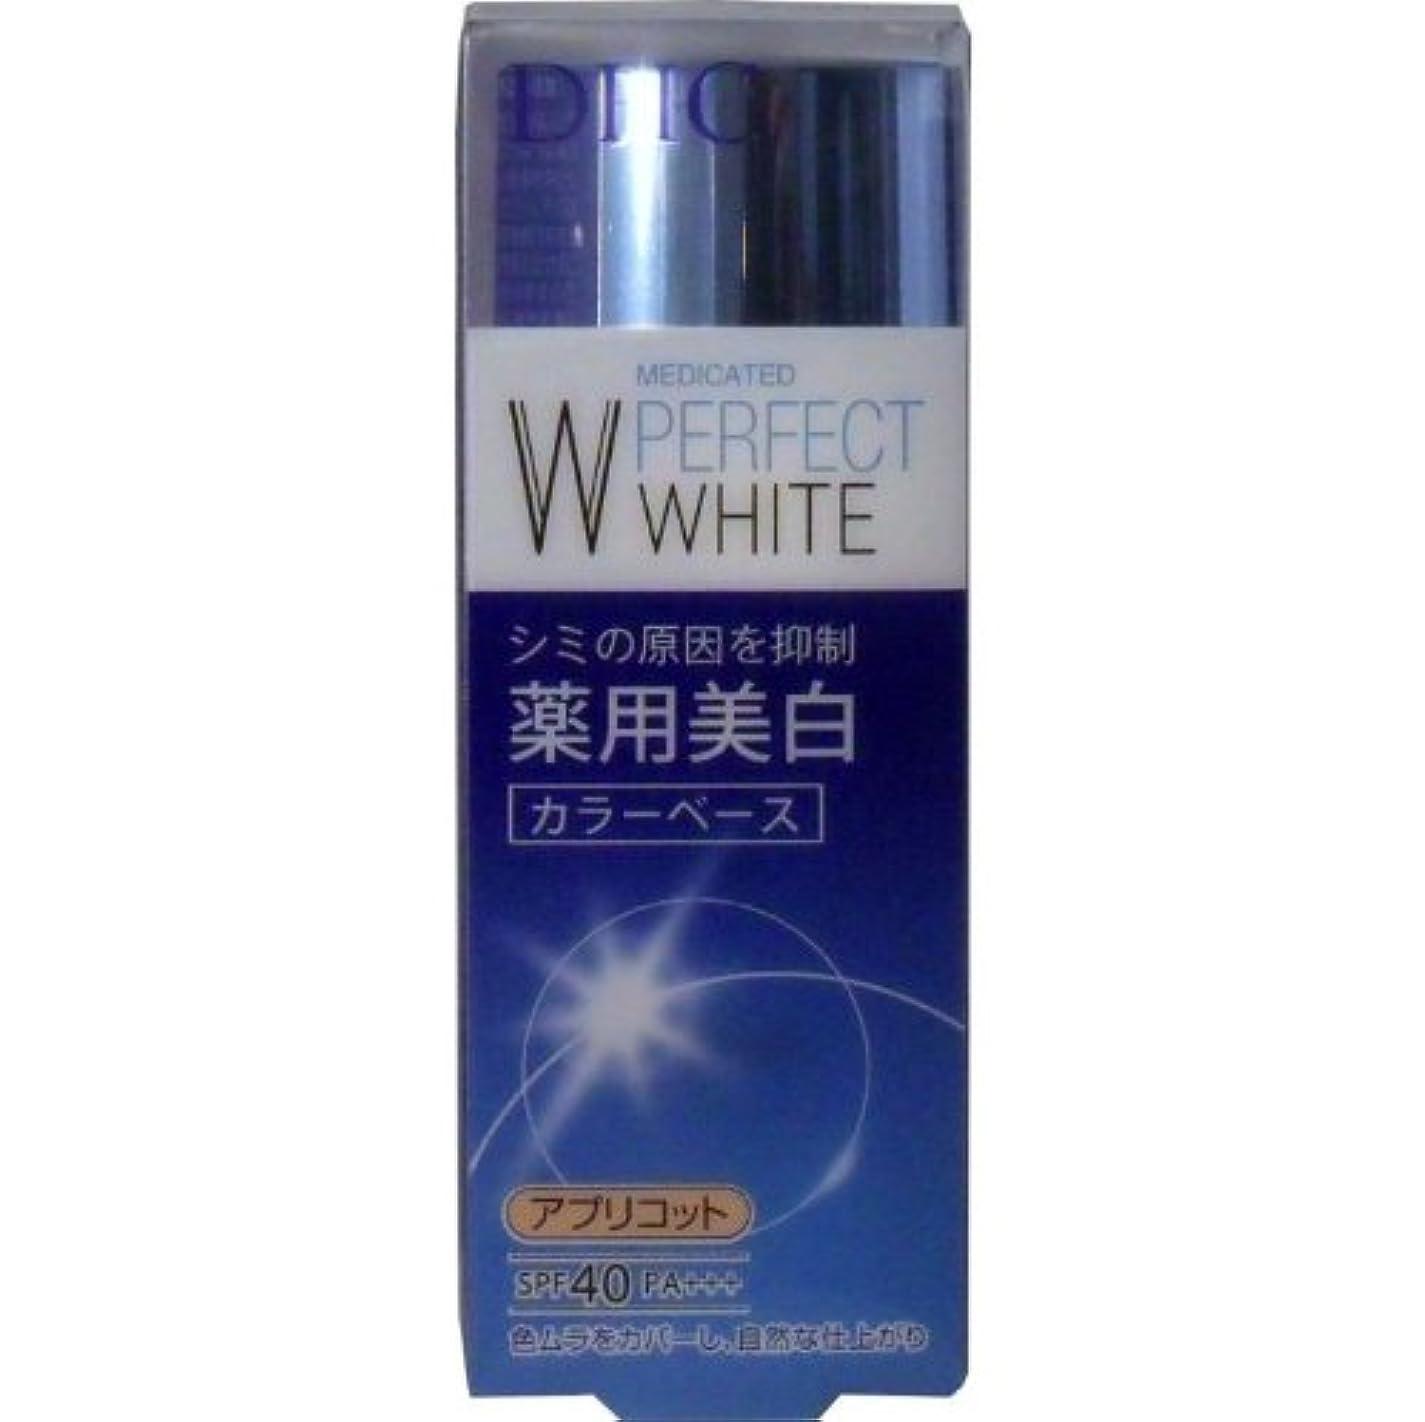 もっともらしいカテゴリー懐疑的DHC 薬用美白パーフェクトホワイト カラーベース アプリコット 30g